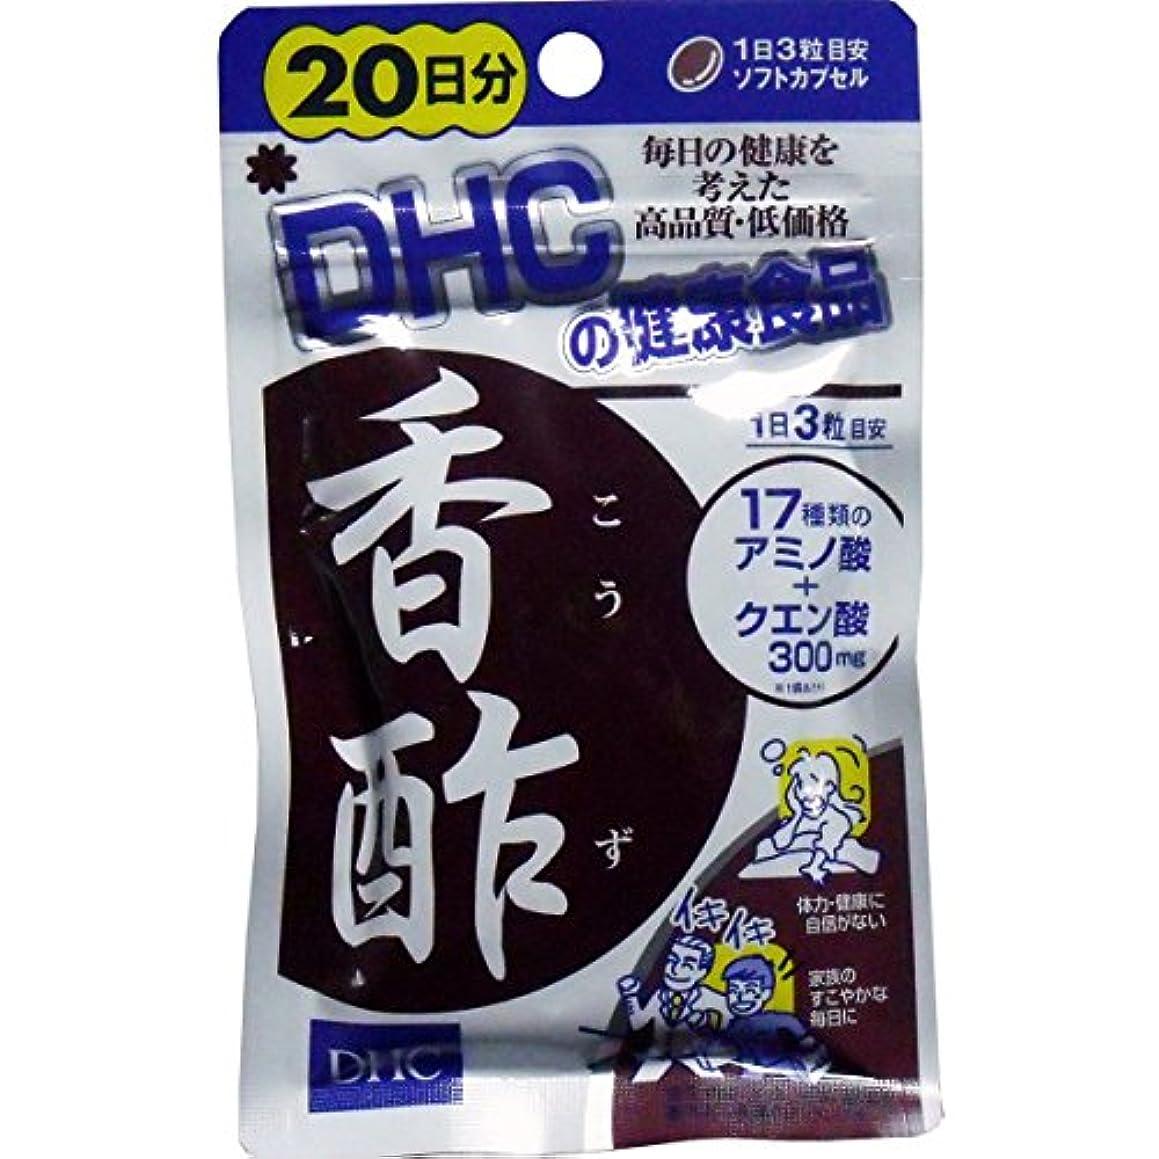 酸っぱい絶滅させる肉屋DHC 香酢 20日分 60粒入「5点セット」